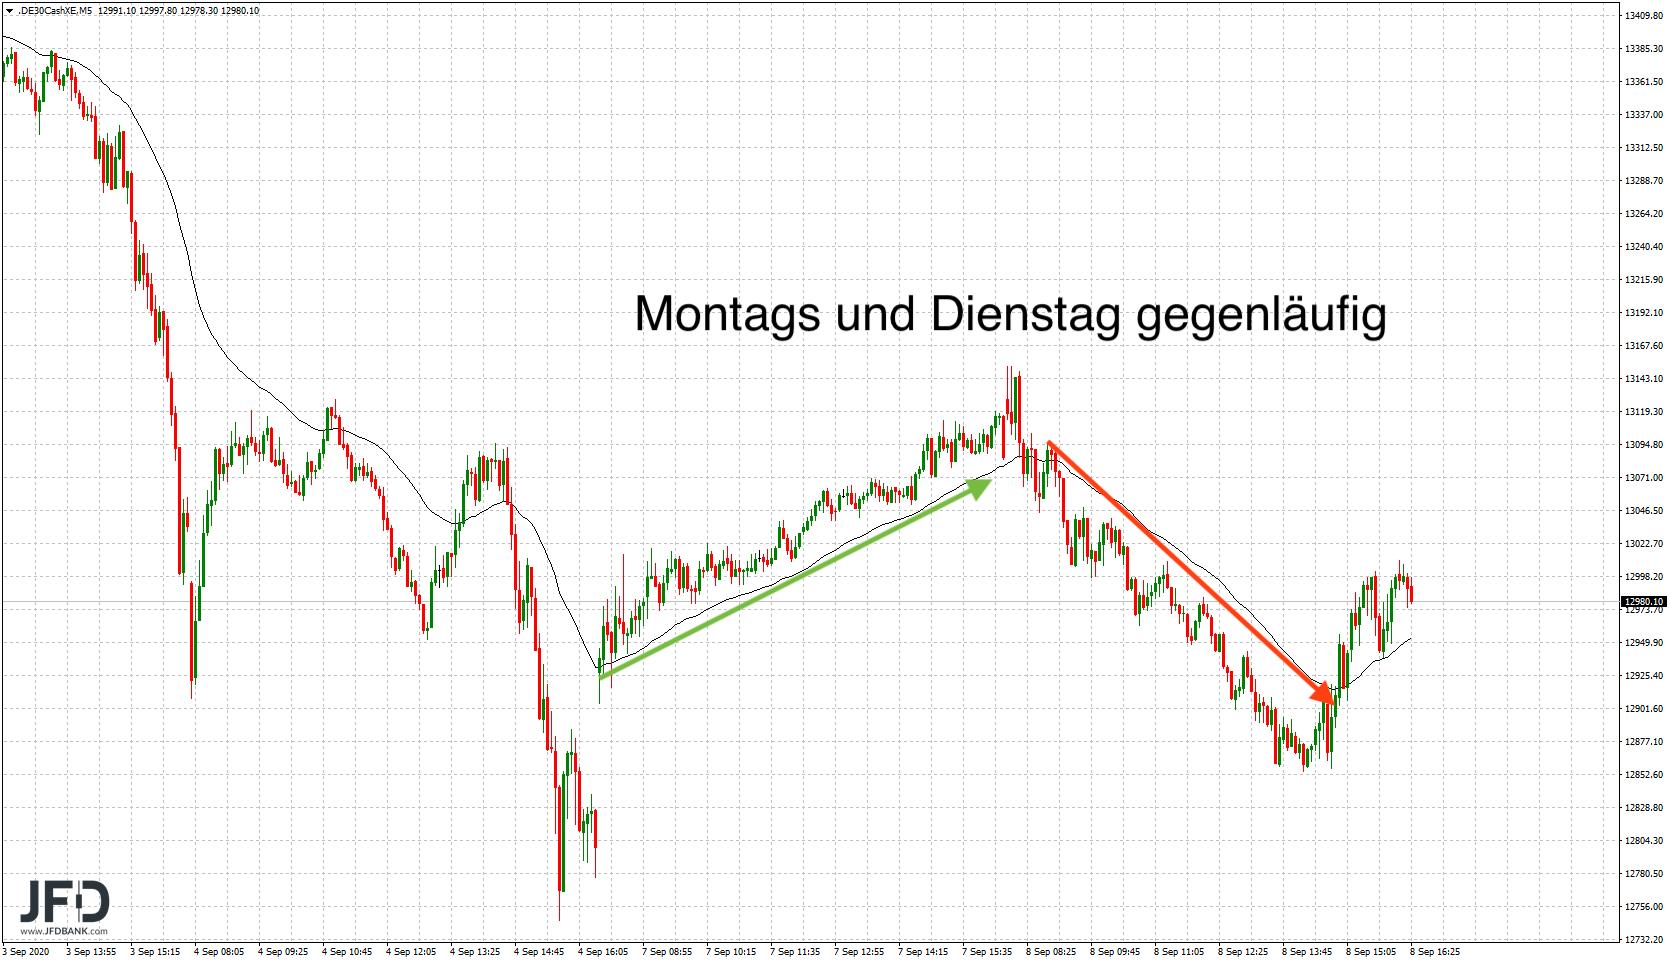 Auf-Schwäche-folgt-Stärke-und-erneute-Schwäche-DAX-bleibt-unentschlossen-Kommentar-JFD-Bank-GodmodeTrader.de-4